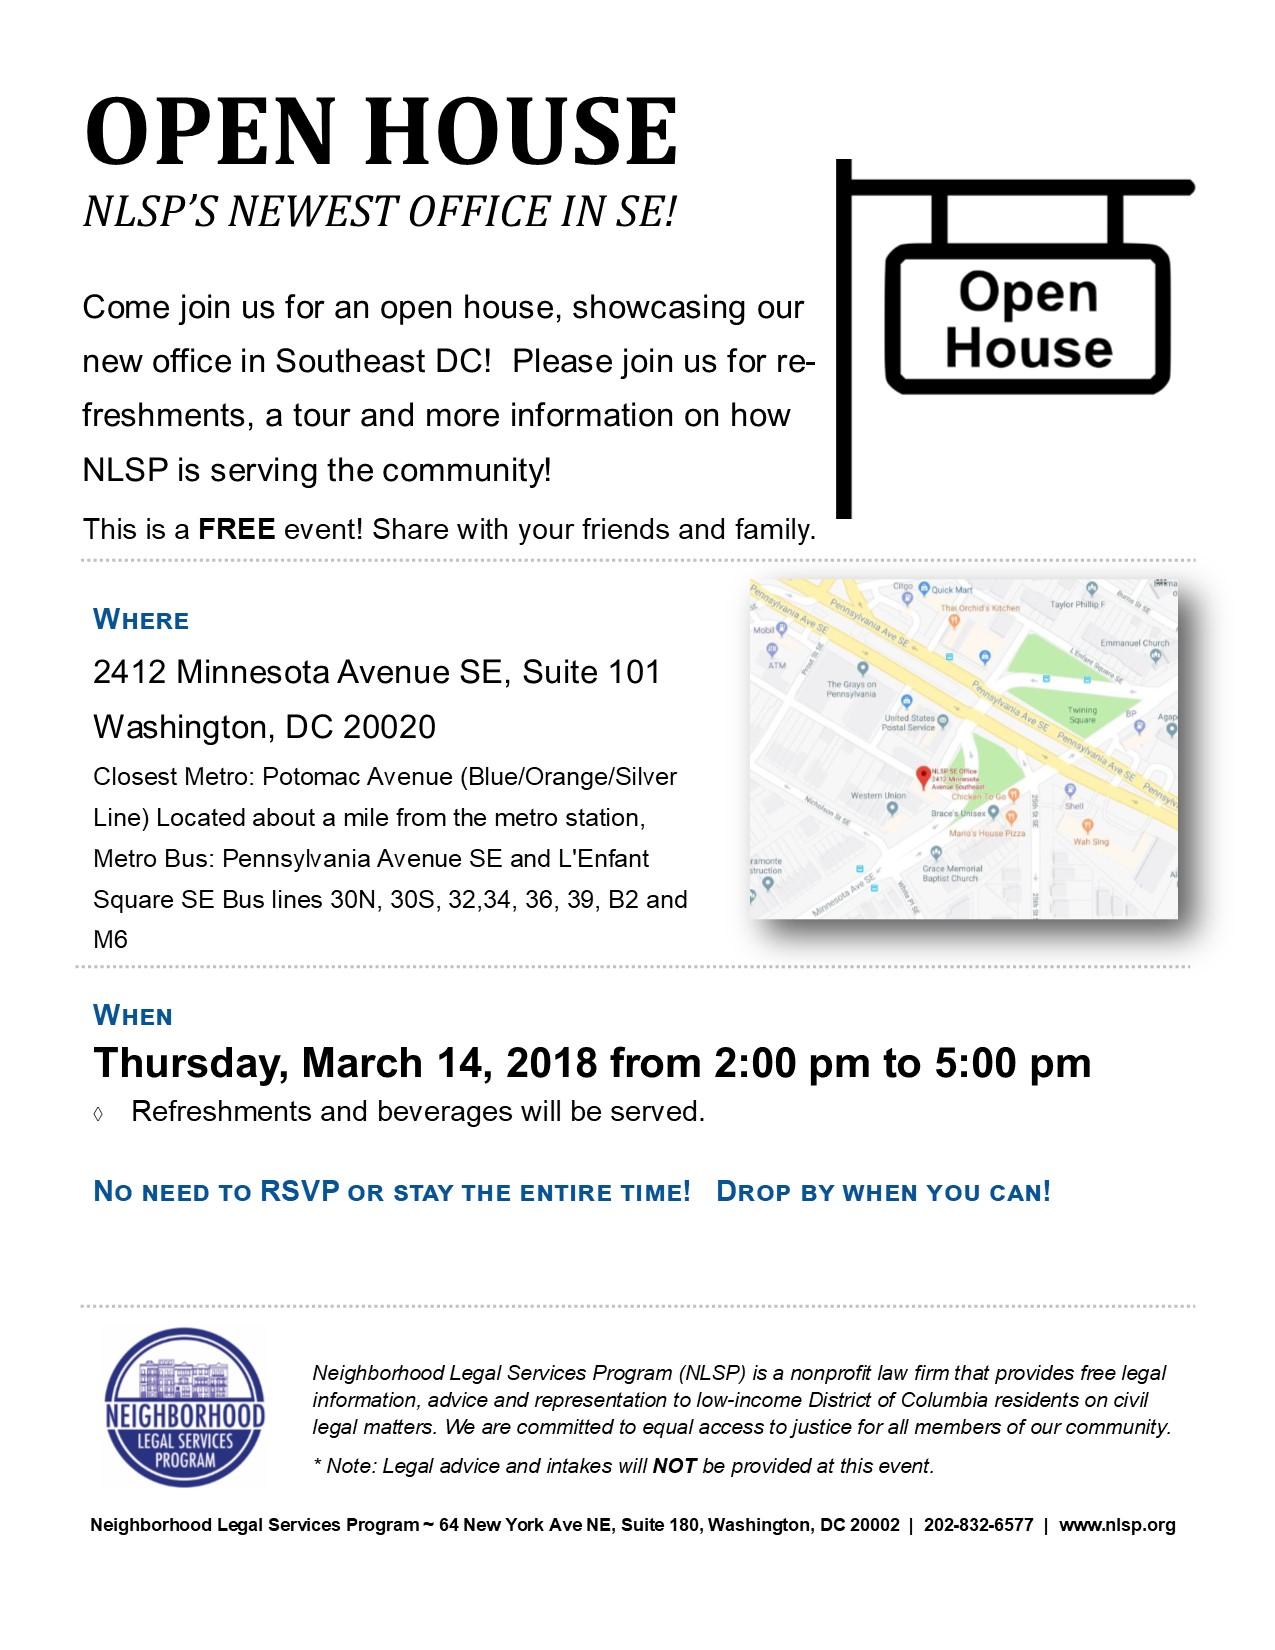 Open_House_Event_Flyer_-_ENG_SPA_final.jpg